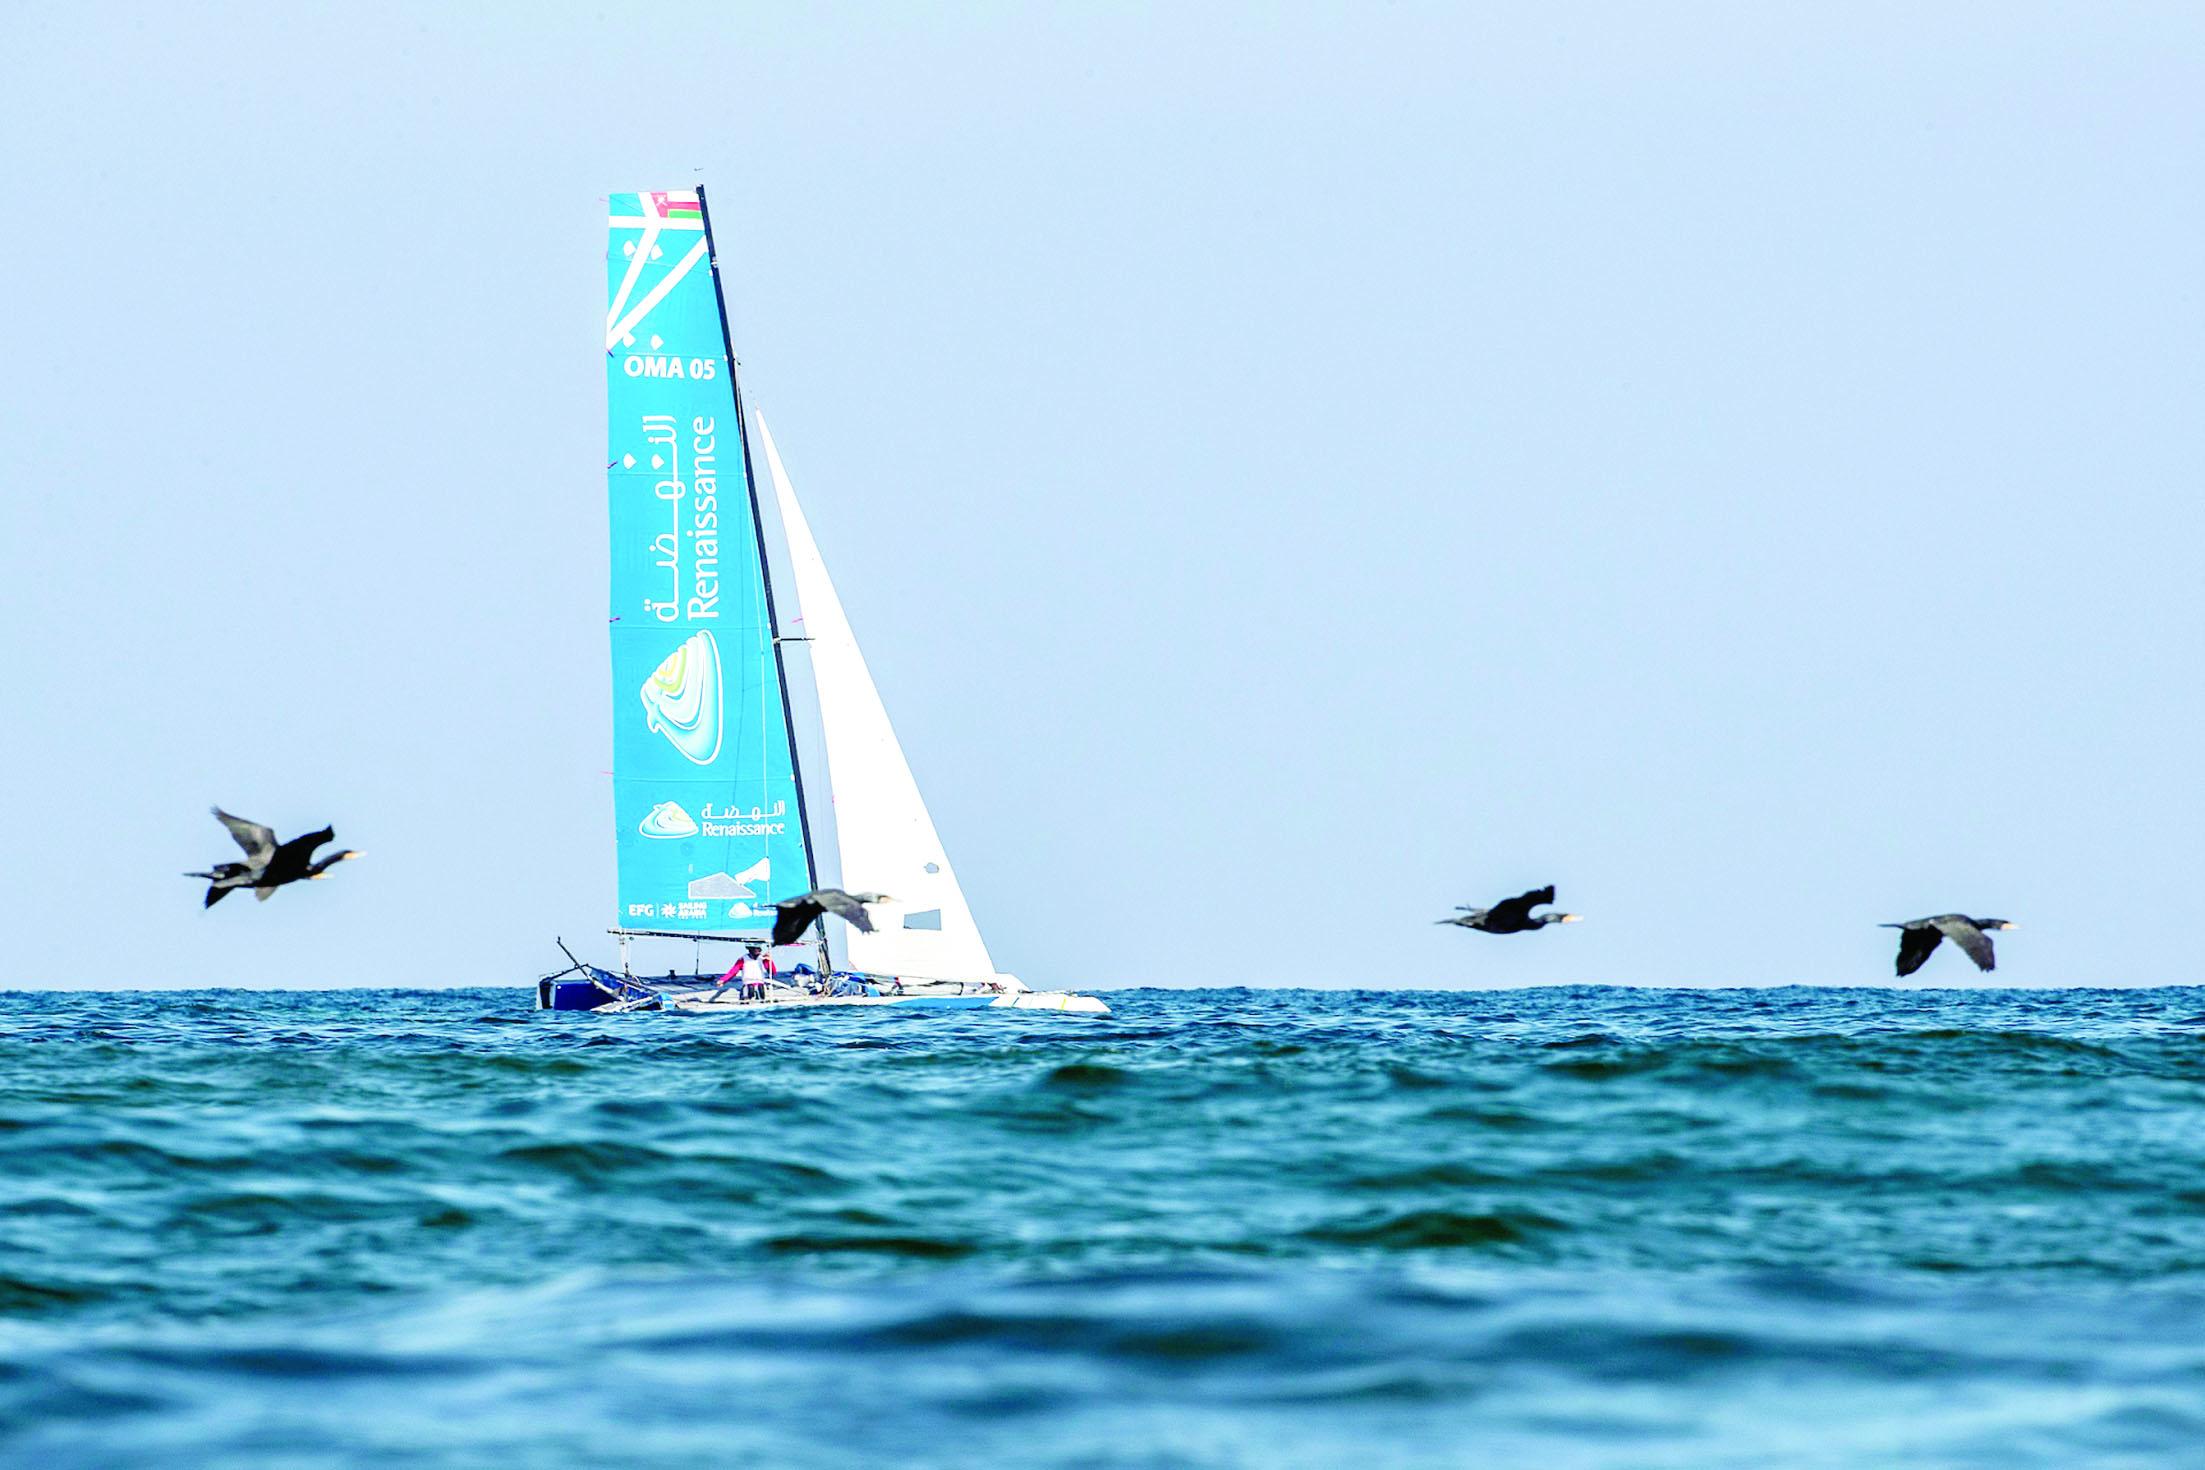 ست ساعات من المنافسات في السباق الساحلي بطول 56 كيلومتراً